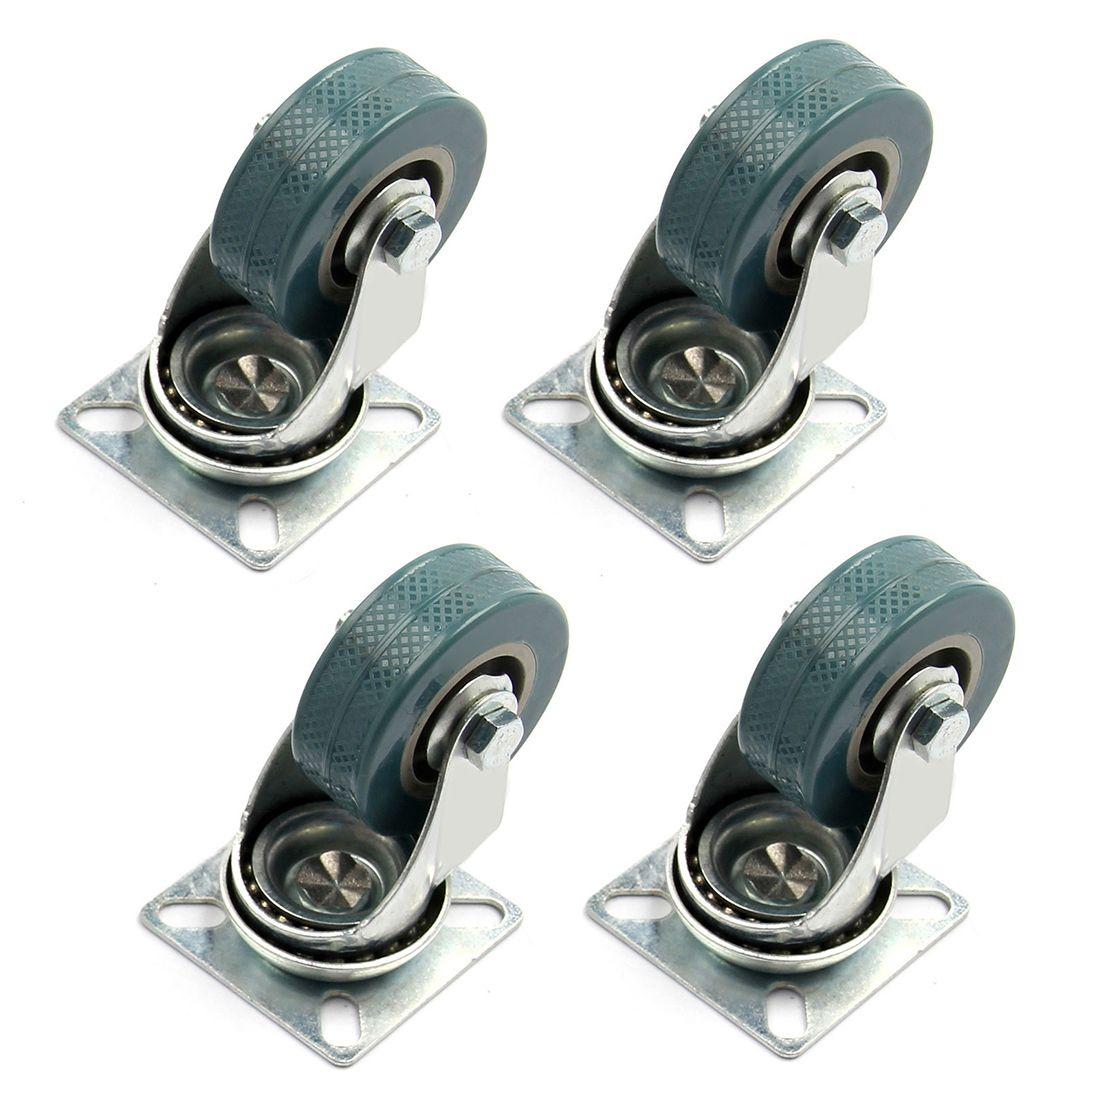 4pcs 75x21mm Heavy Duty Rubber Swivel Castor Wheels Trolley